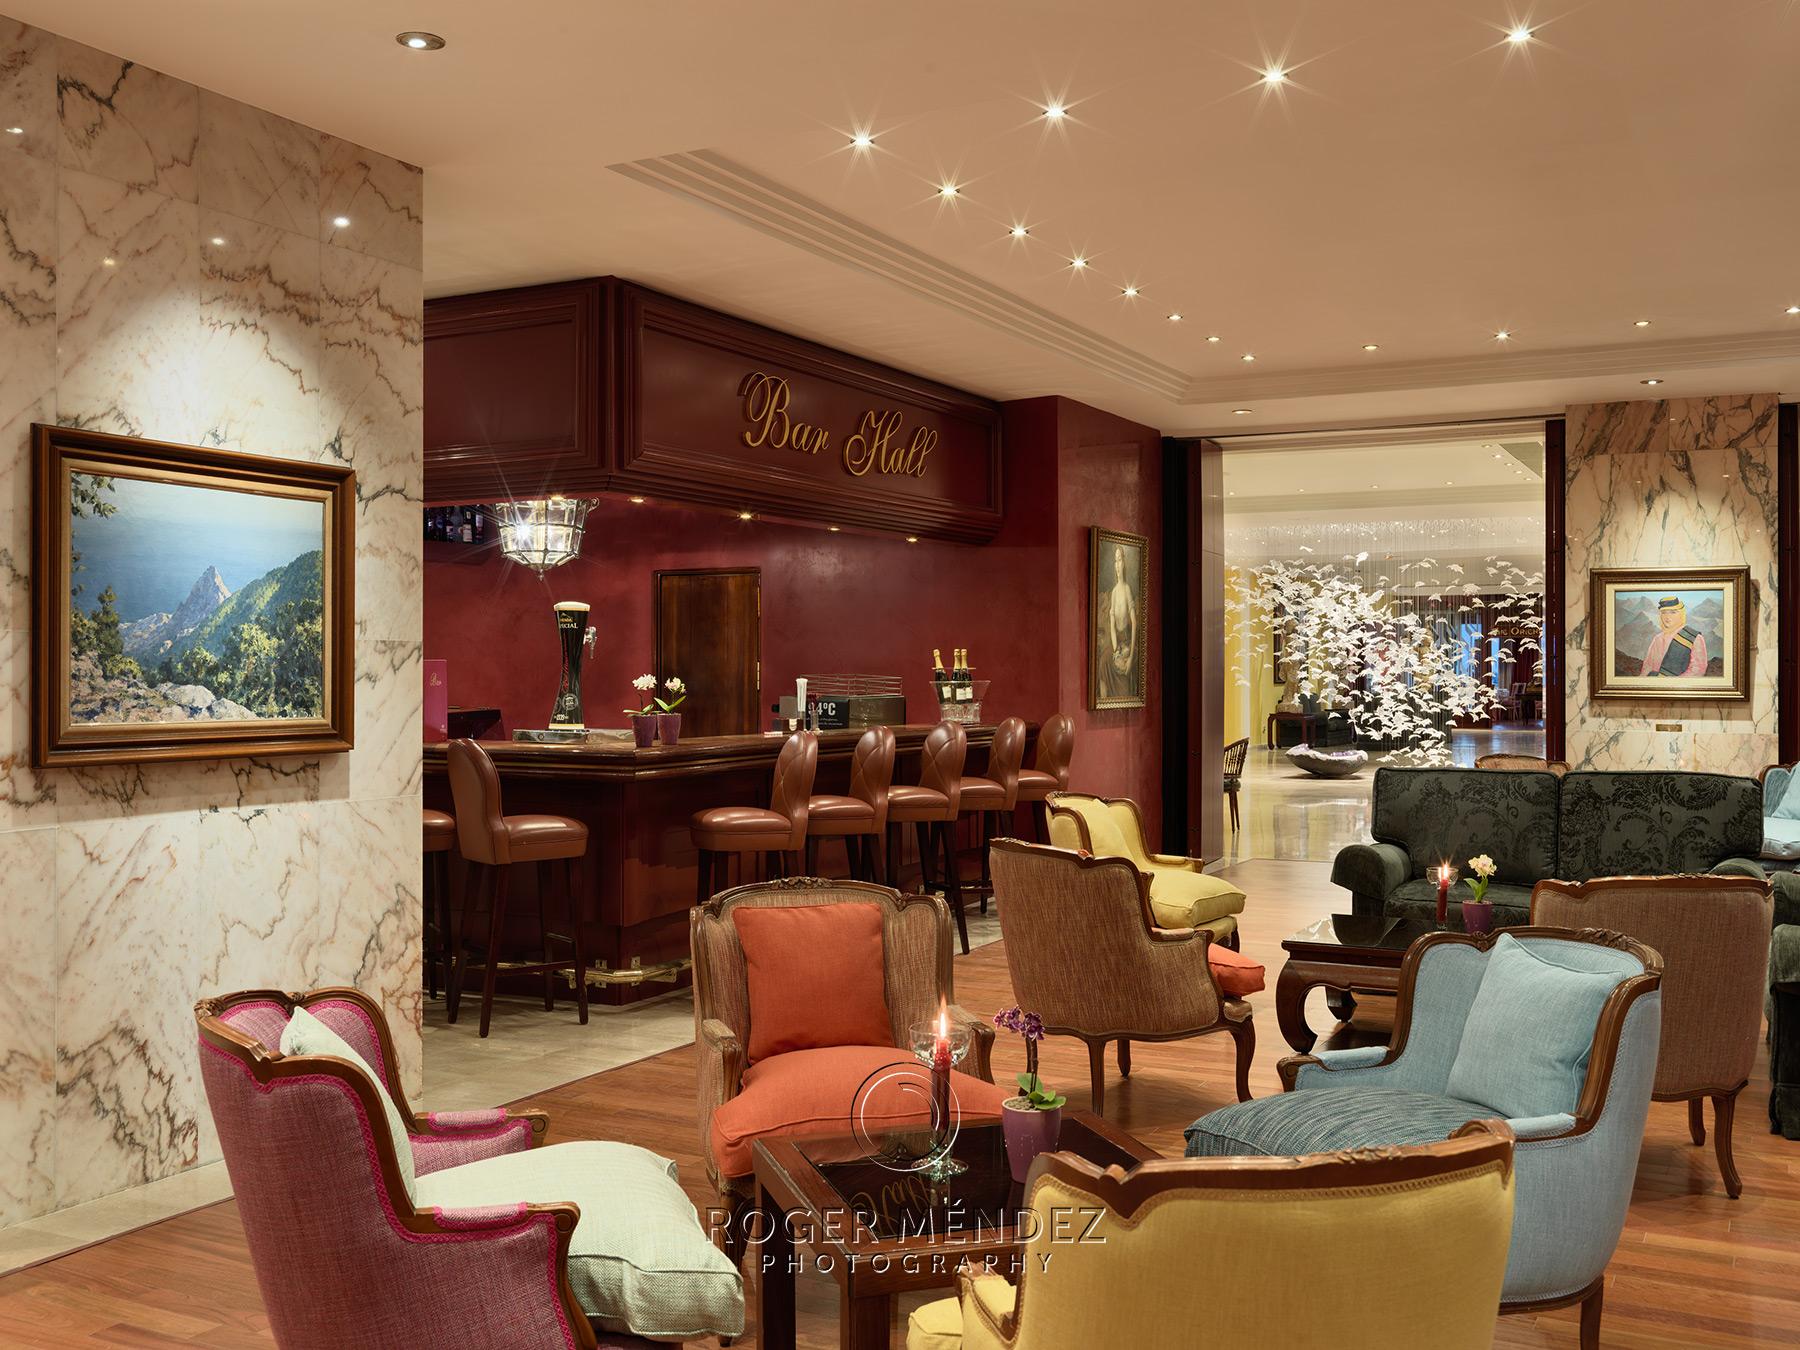 Bar Hall vista lobby